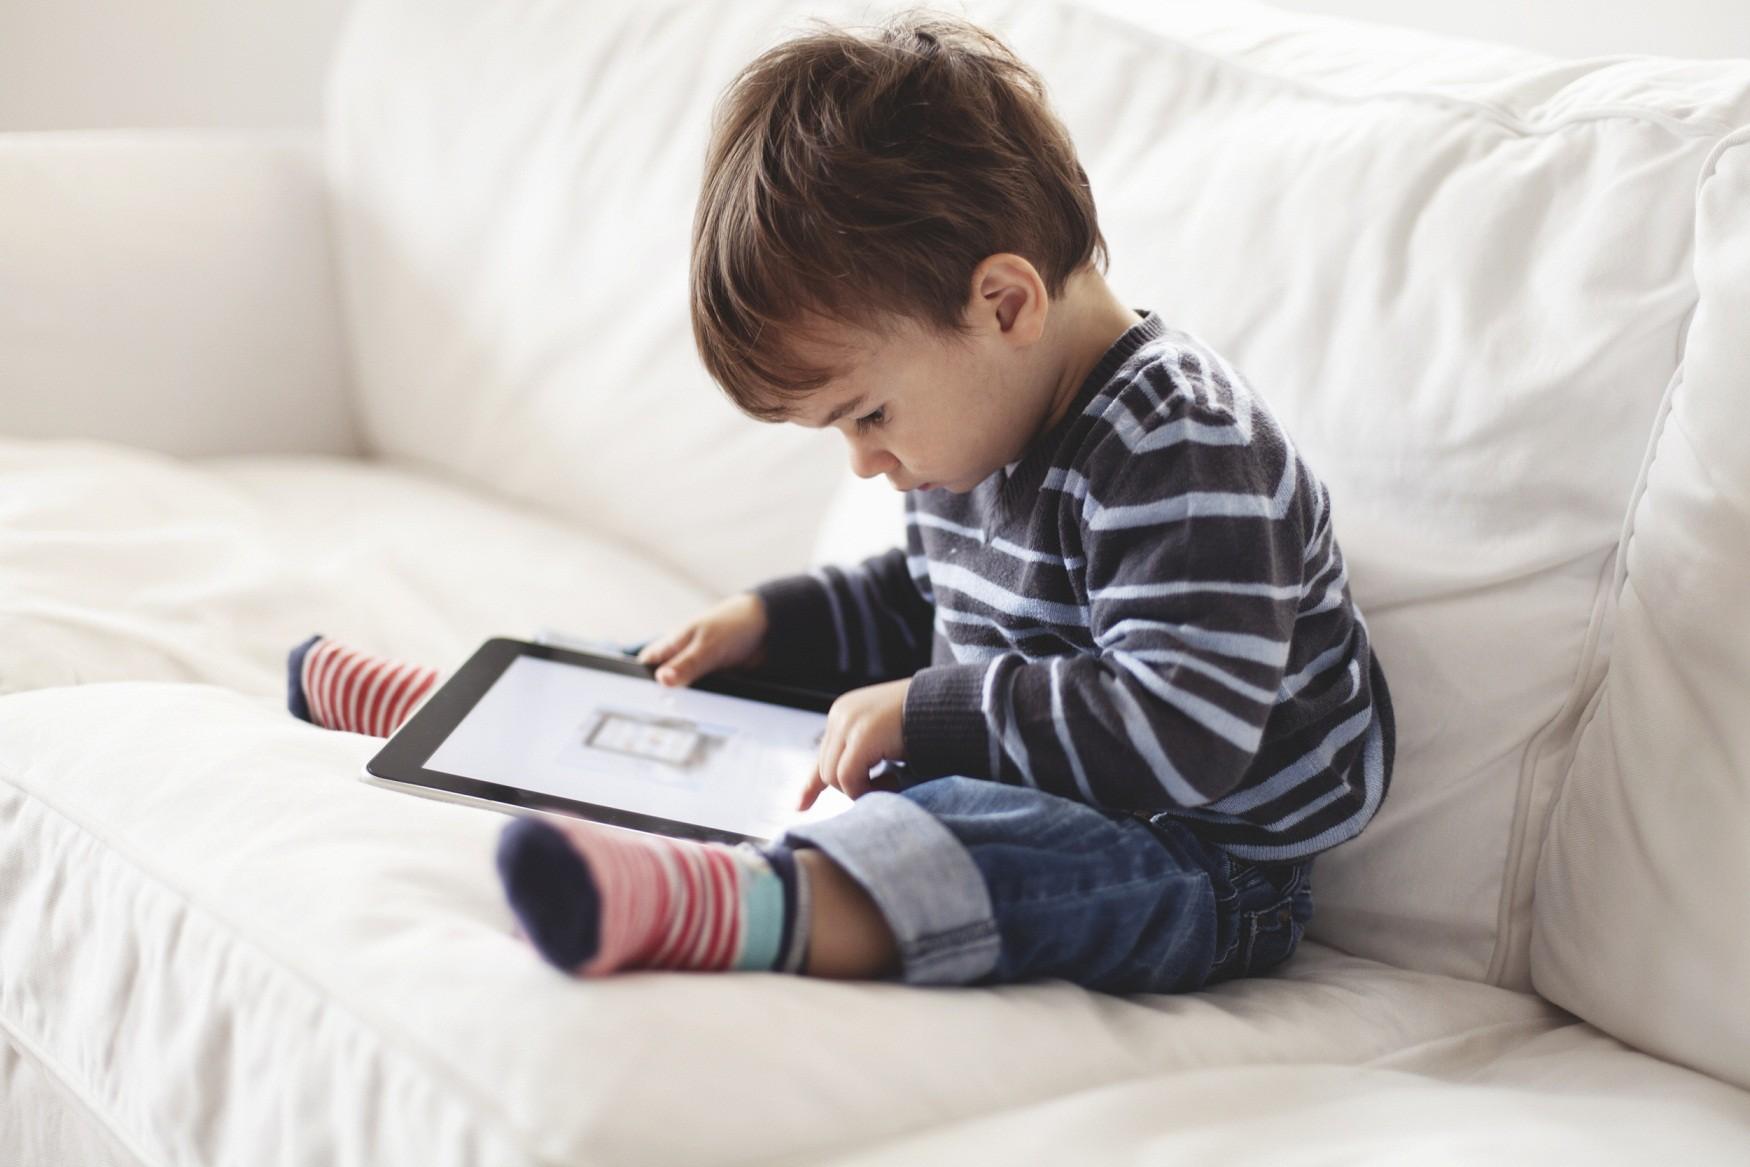 Картинки мальчик играет в телефон